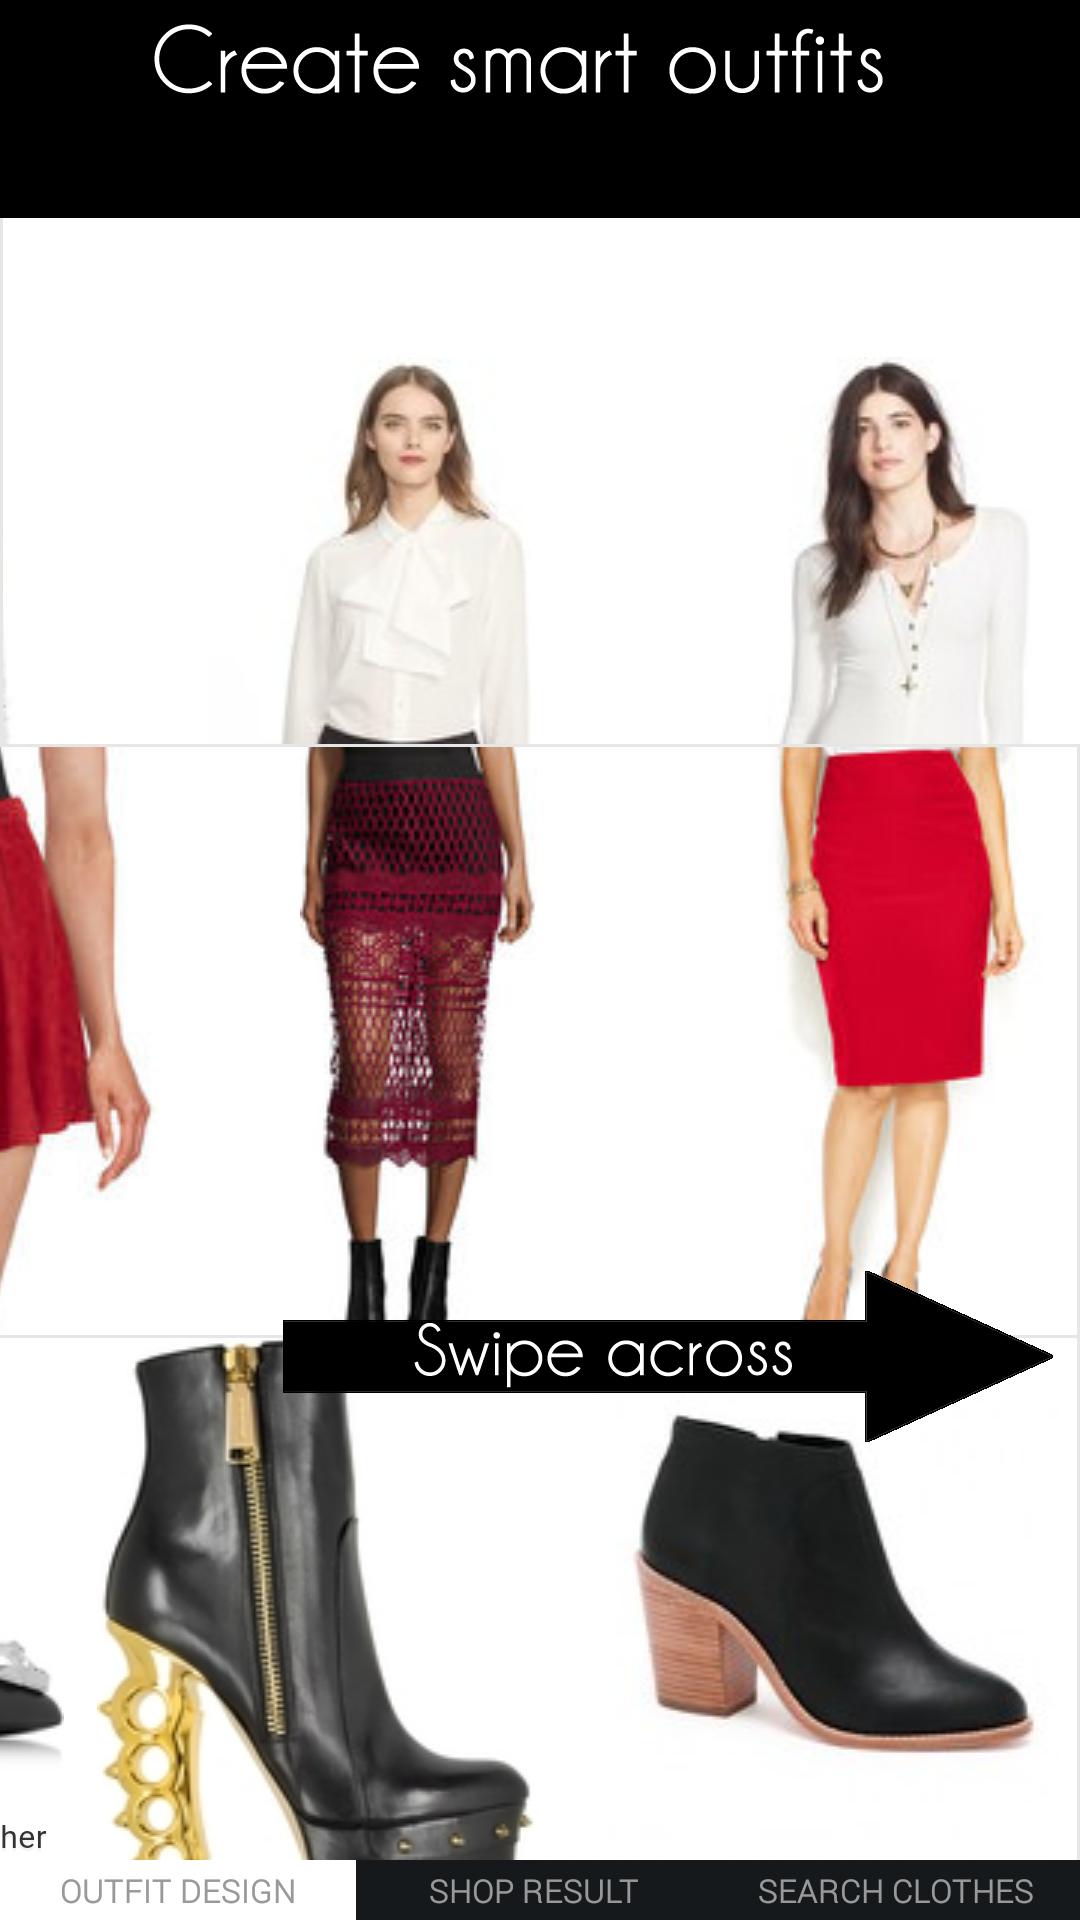 Amazon.com: OUTFIT Maker: Match, Plan, Style & Shop